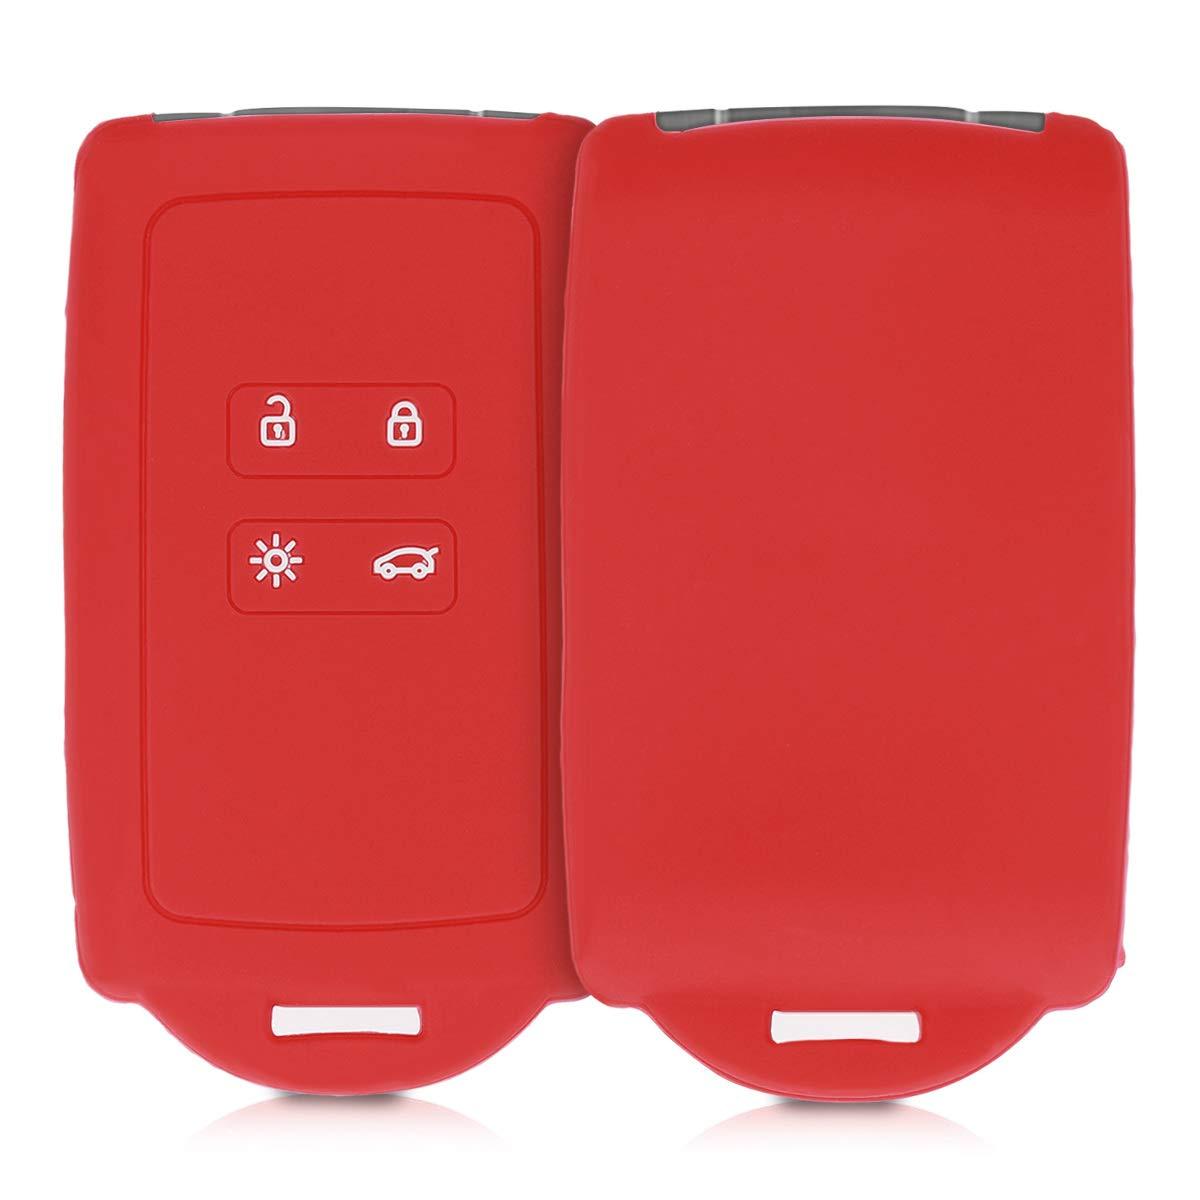 Keyless Go Uniquement Blanc - /Étui Souple avec Embout Porte-Cl/é kwmobile Accessoire Cl/é de Voiture pour Renault Coque Silicone pour Clef de Voiture Smart Key Renault 4-Bouton